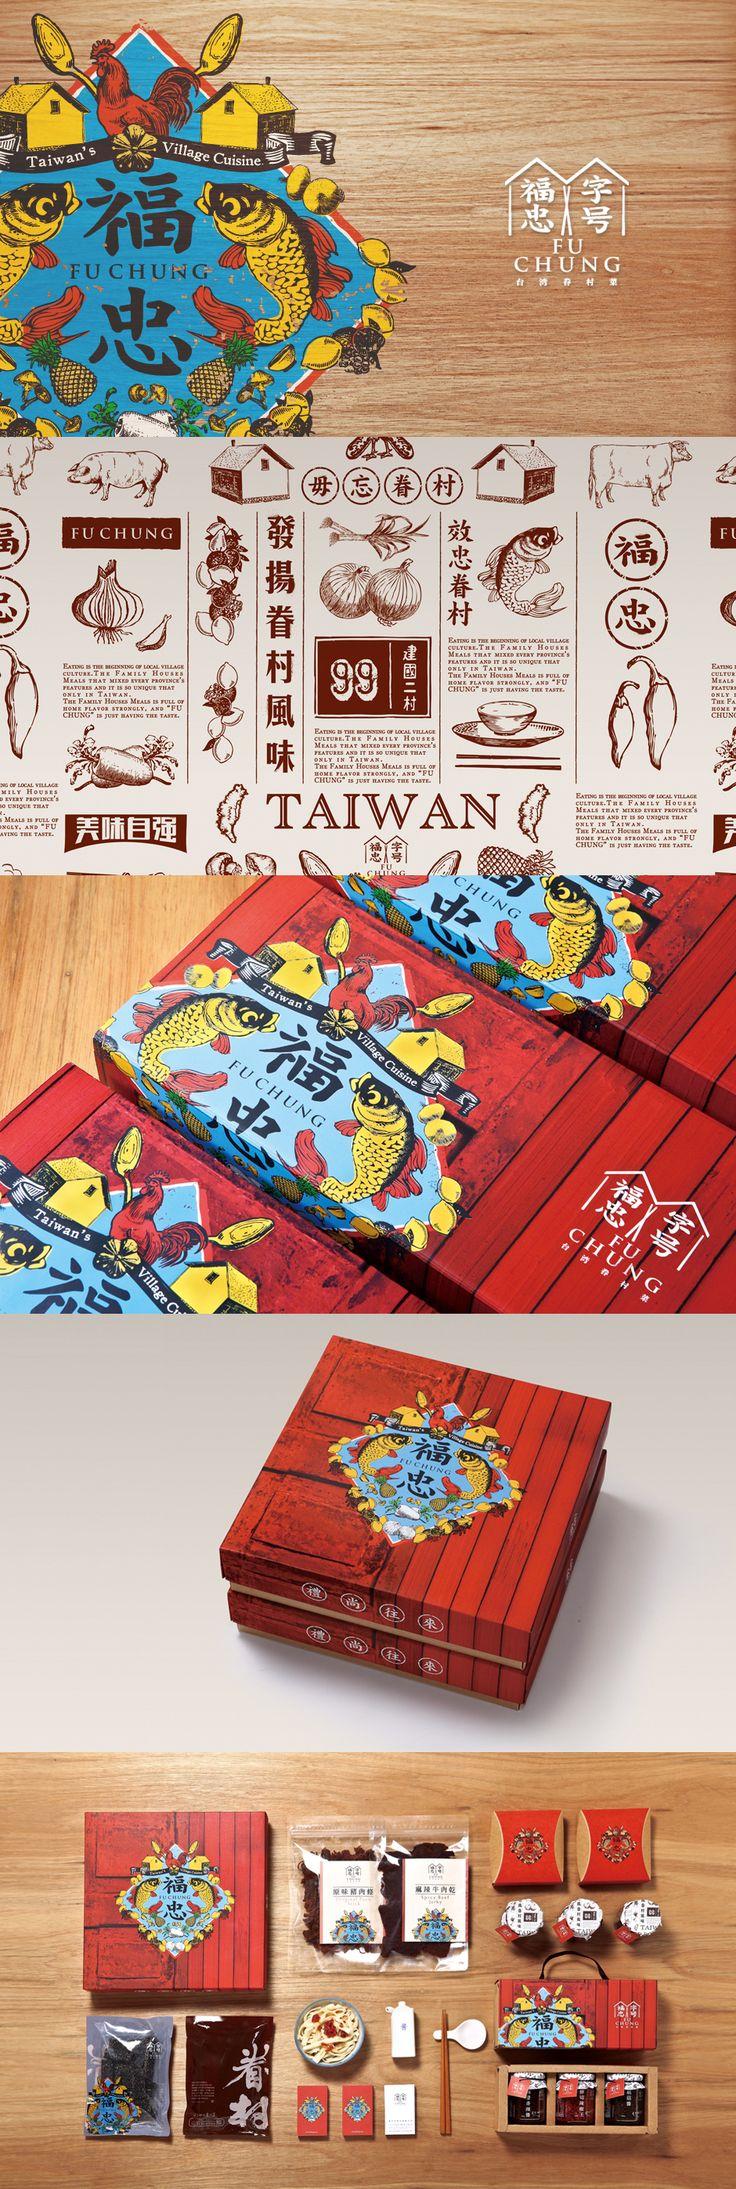 福忠字號 撐起最家常的眷村飲食風味 FU CHUNG Package